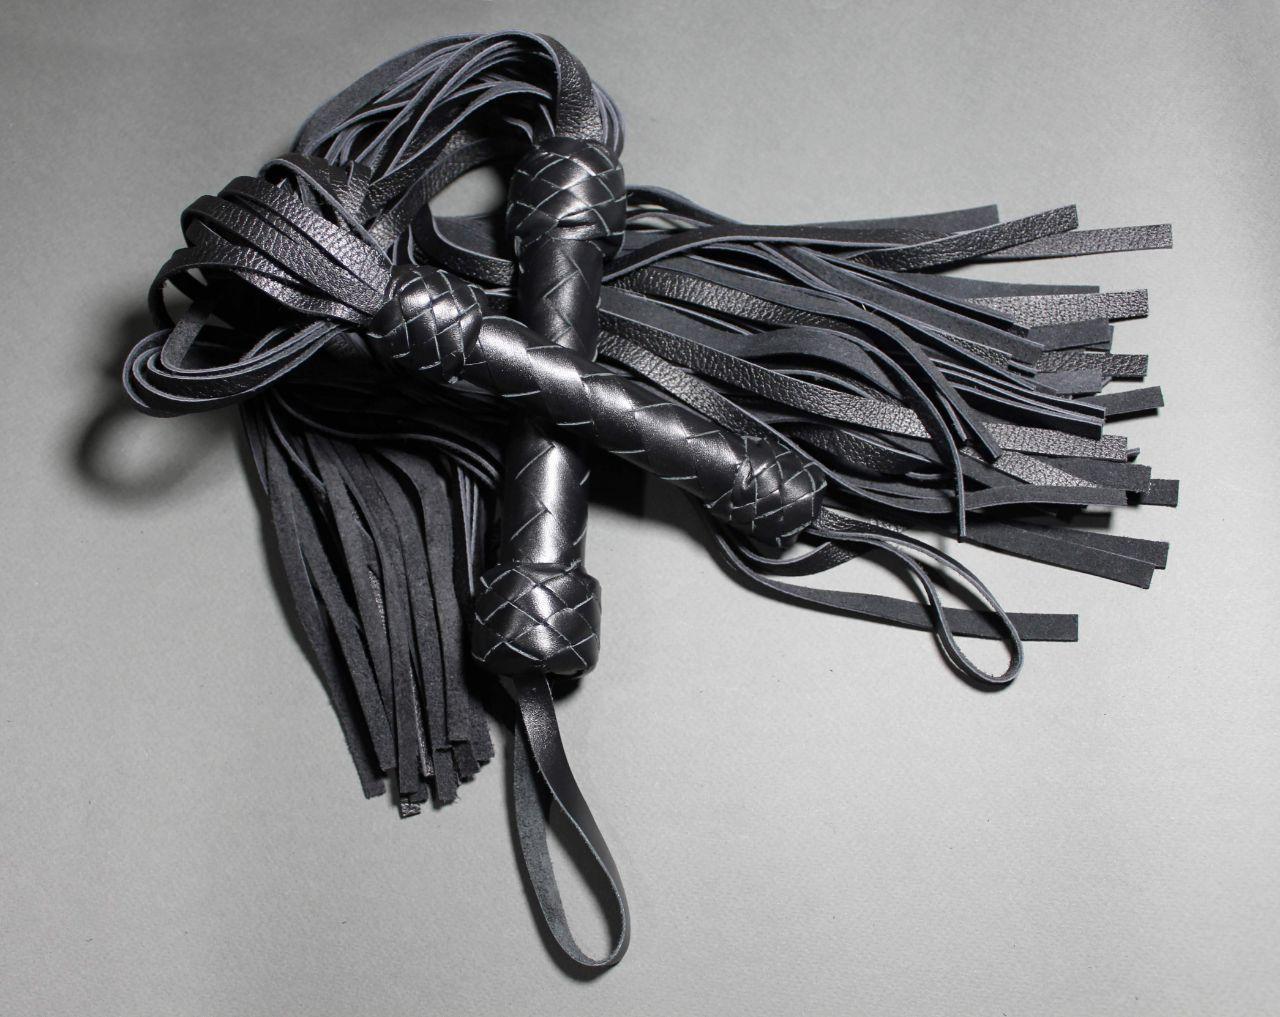 БДСМ Набор Плеть многохвостая черная классика, флогер, Ручная работа, натуральная кожа